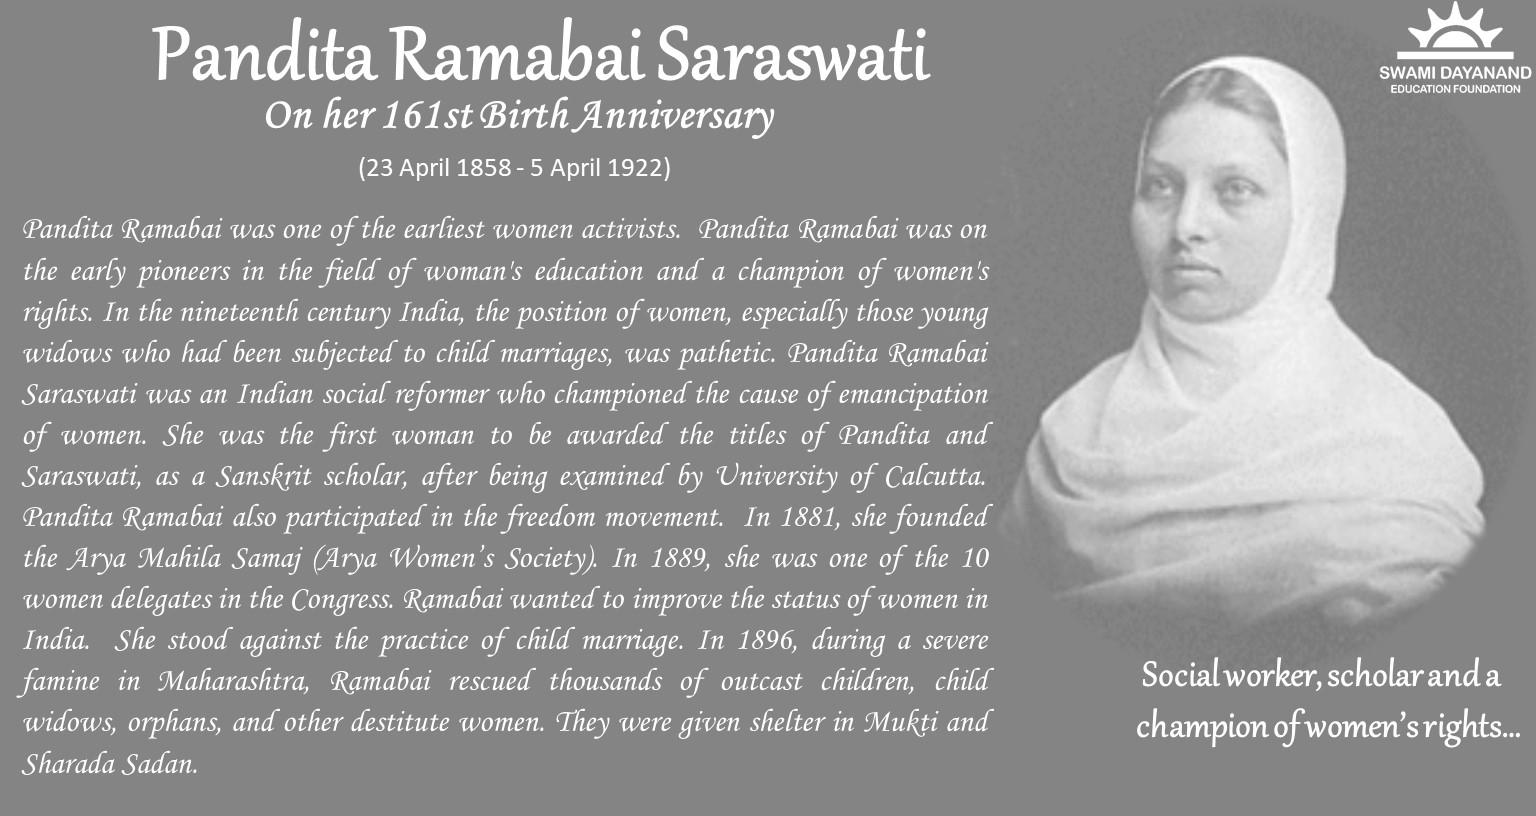 PANDITA RAMABAI SARASWATI  (23rd Apr 1858 - 5th Apr 1922)